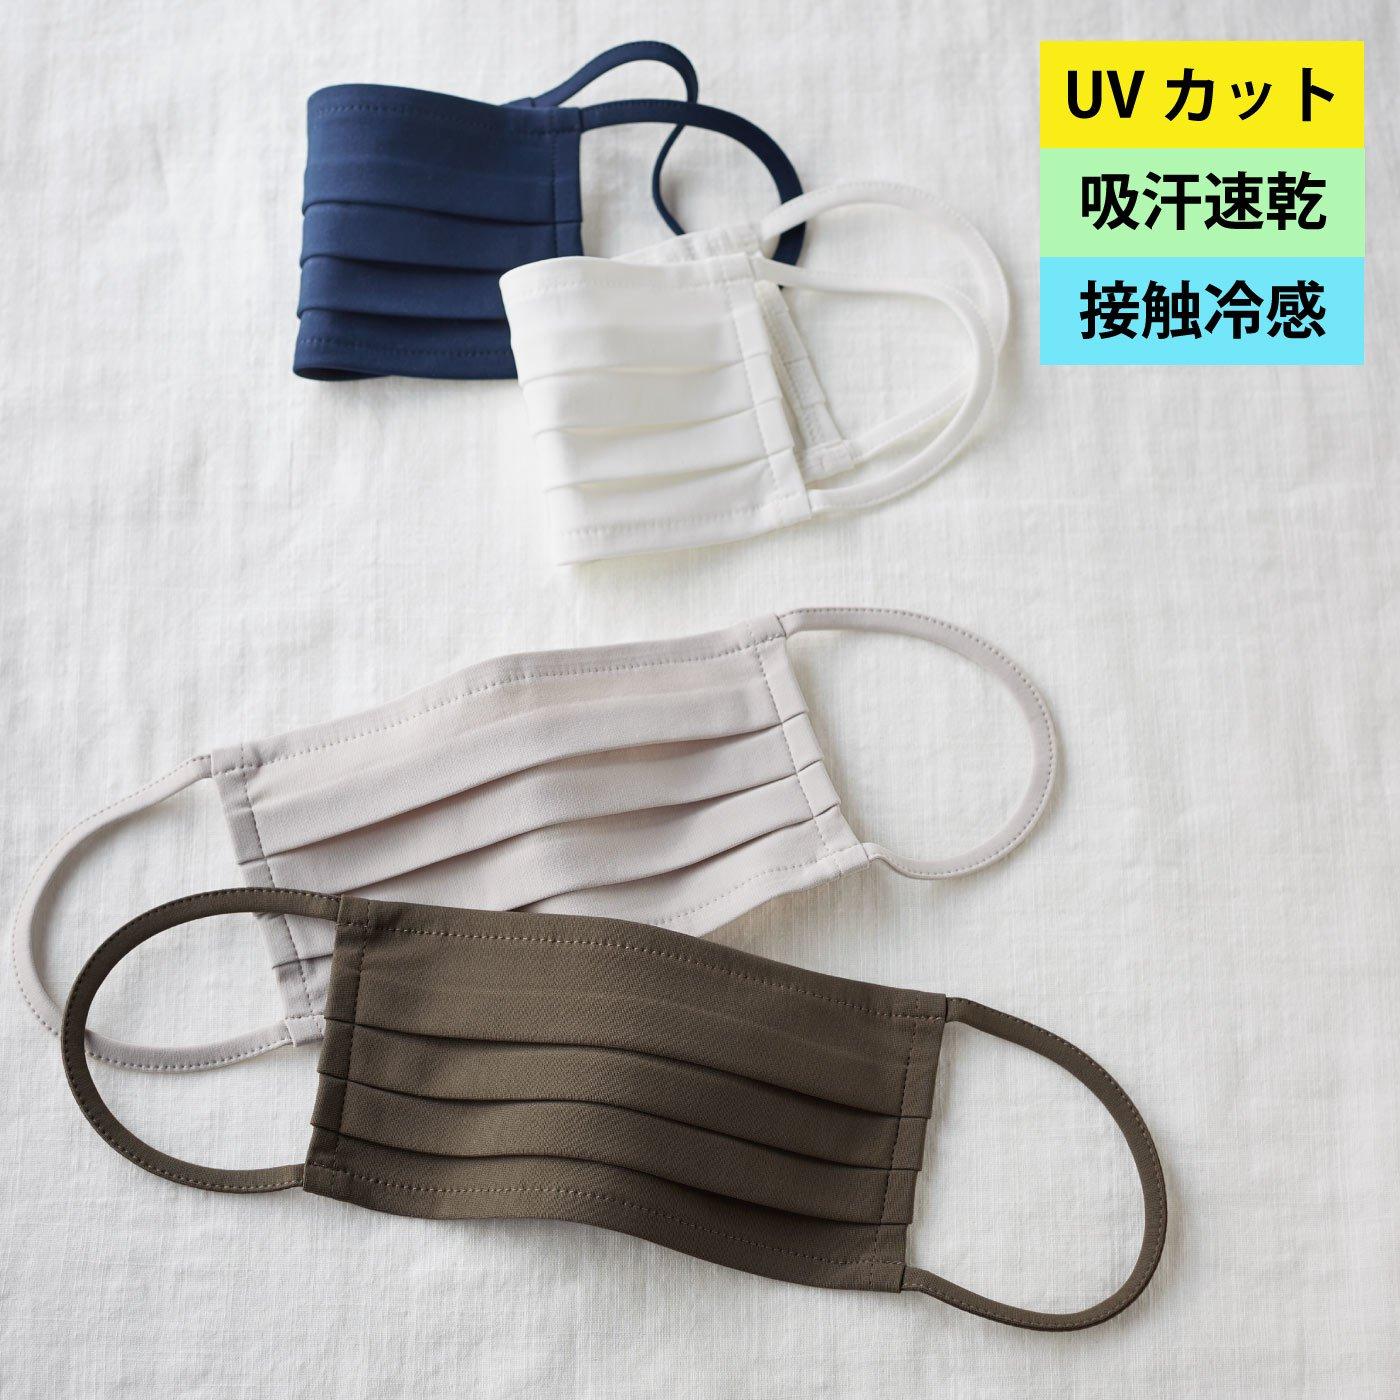 IEDIT[イディット] 日本の工場で作った UVケアなどの機能がうれしい やさしい肌ざわりの布プリーツマスク